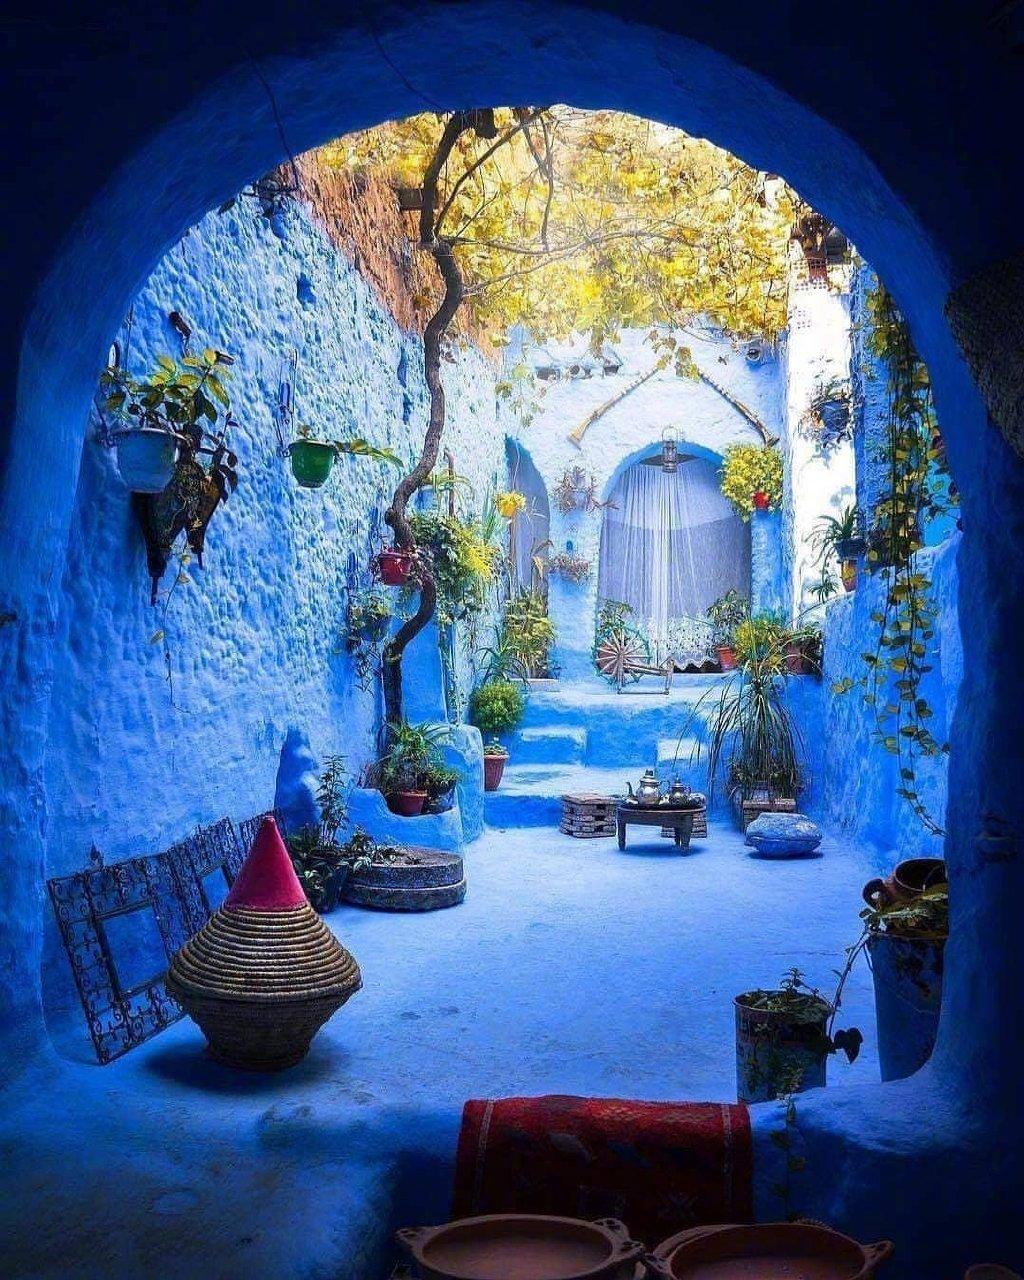 摩洛哥,蓝调风情小镇。